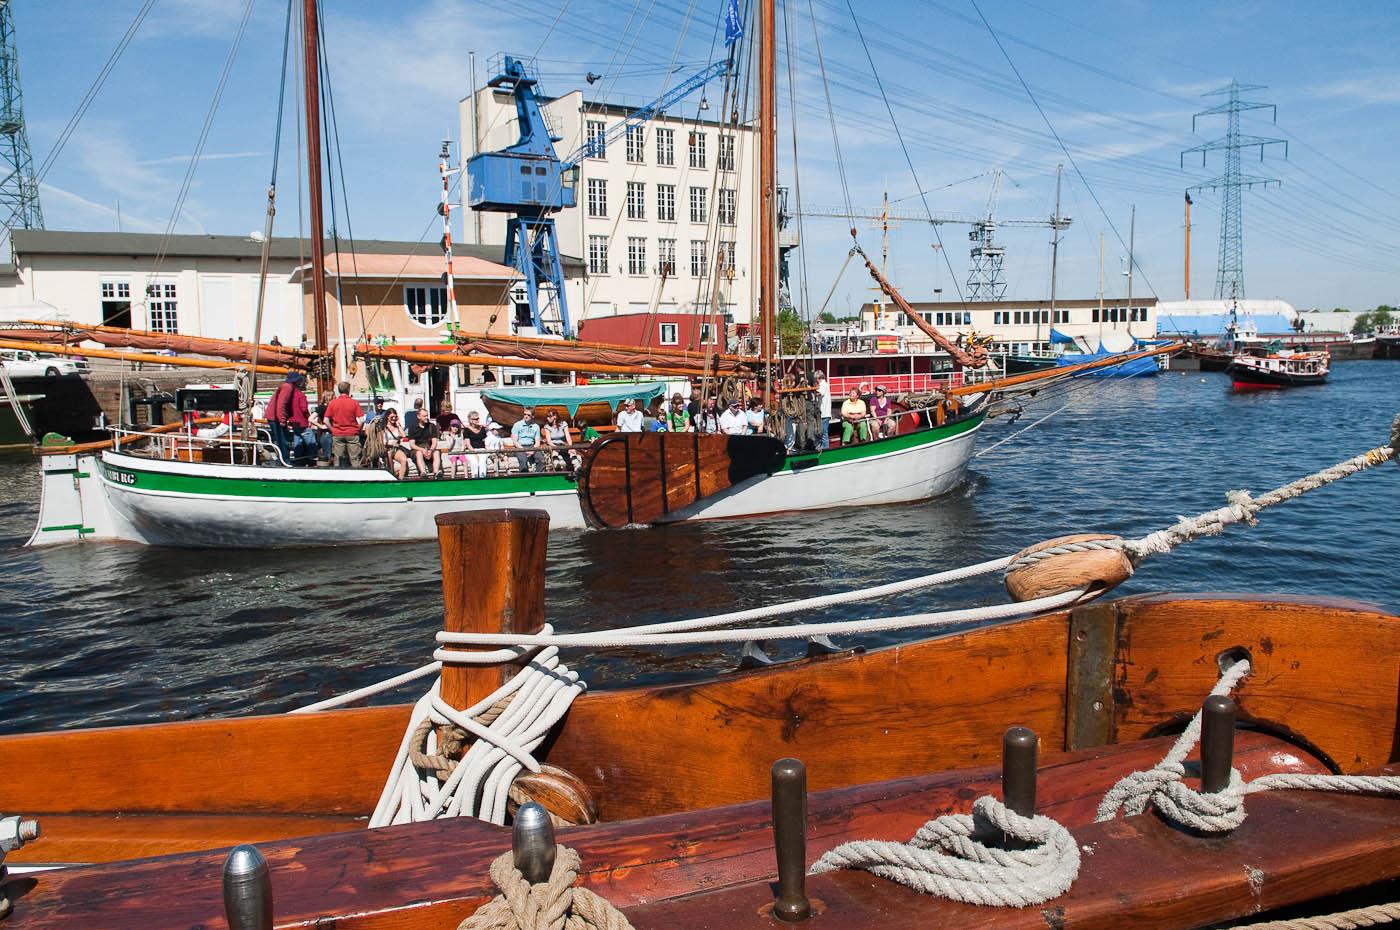 Foto ID 2015041703 Segelschiffe Harburg Hafen